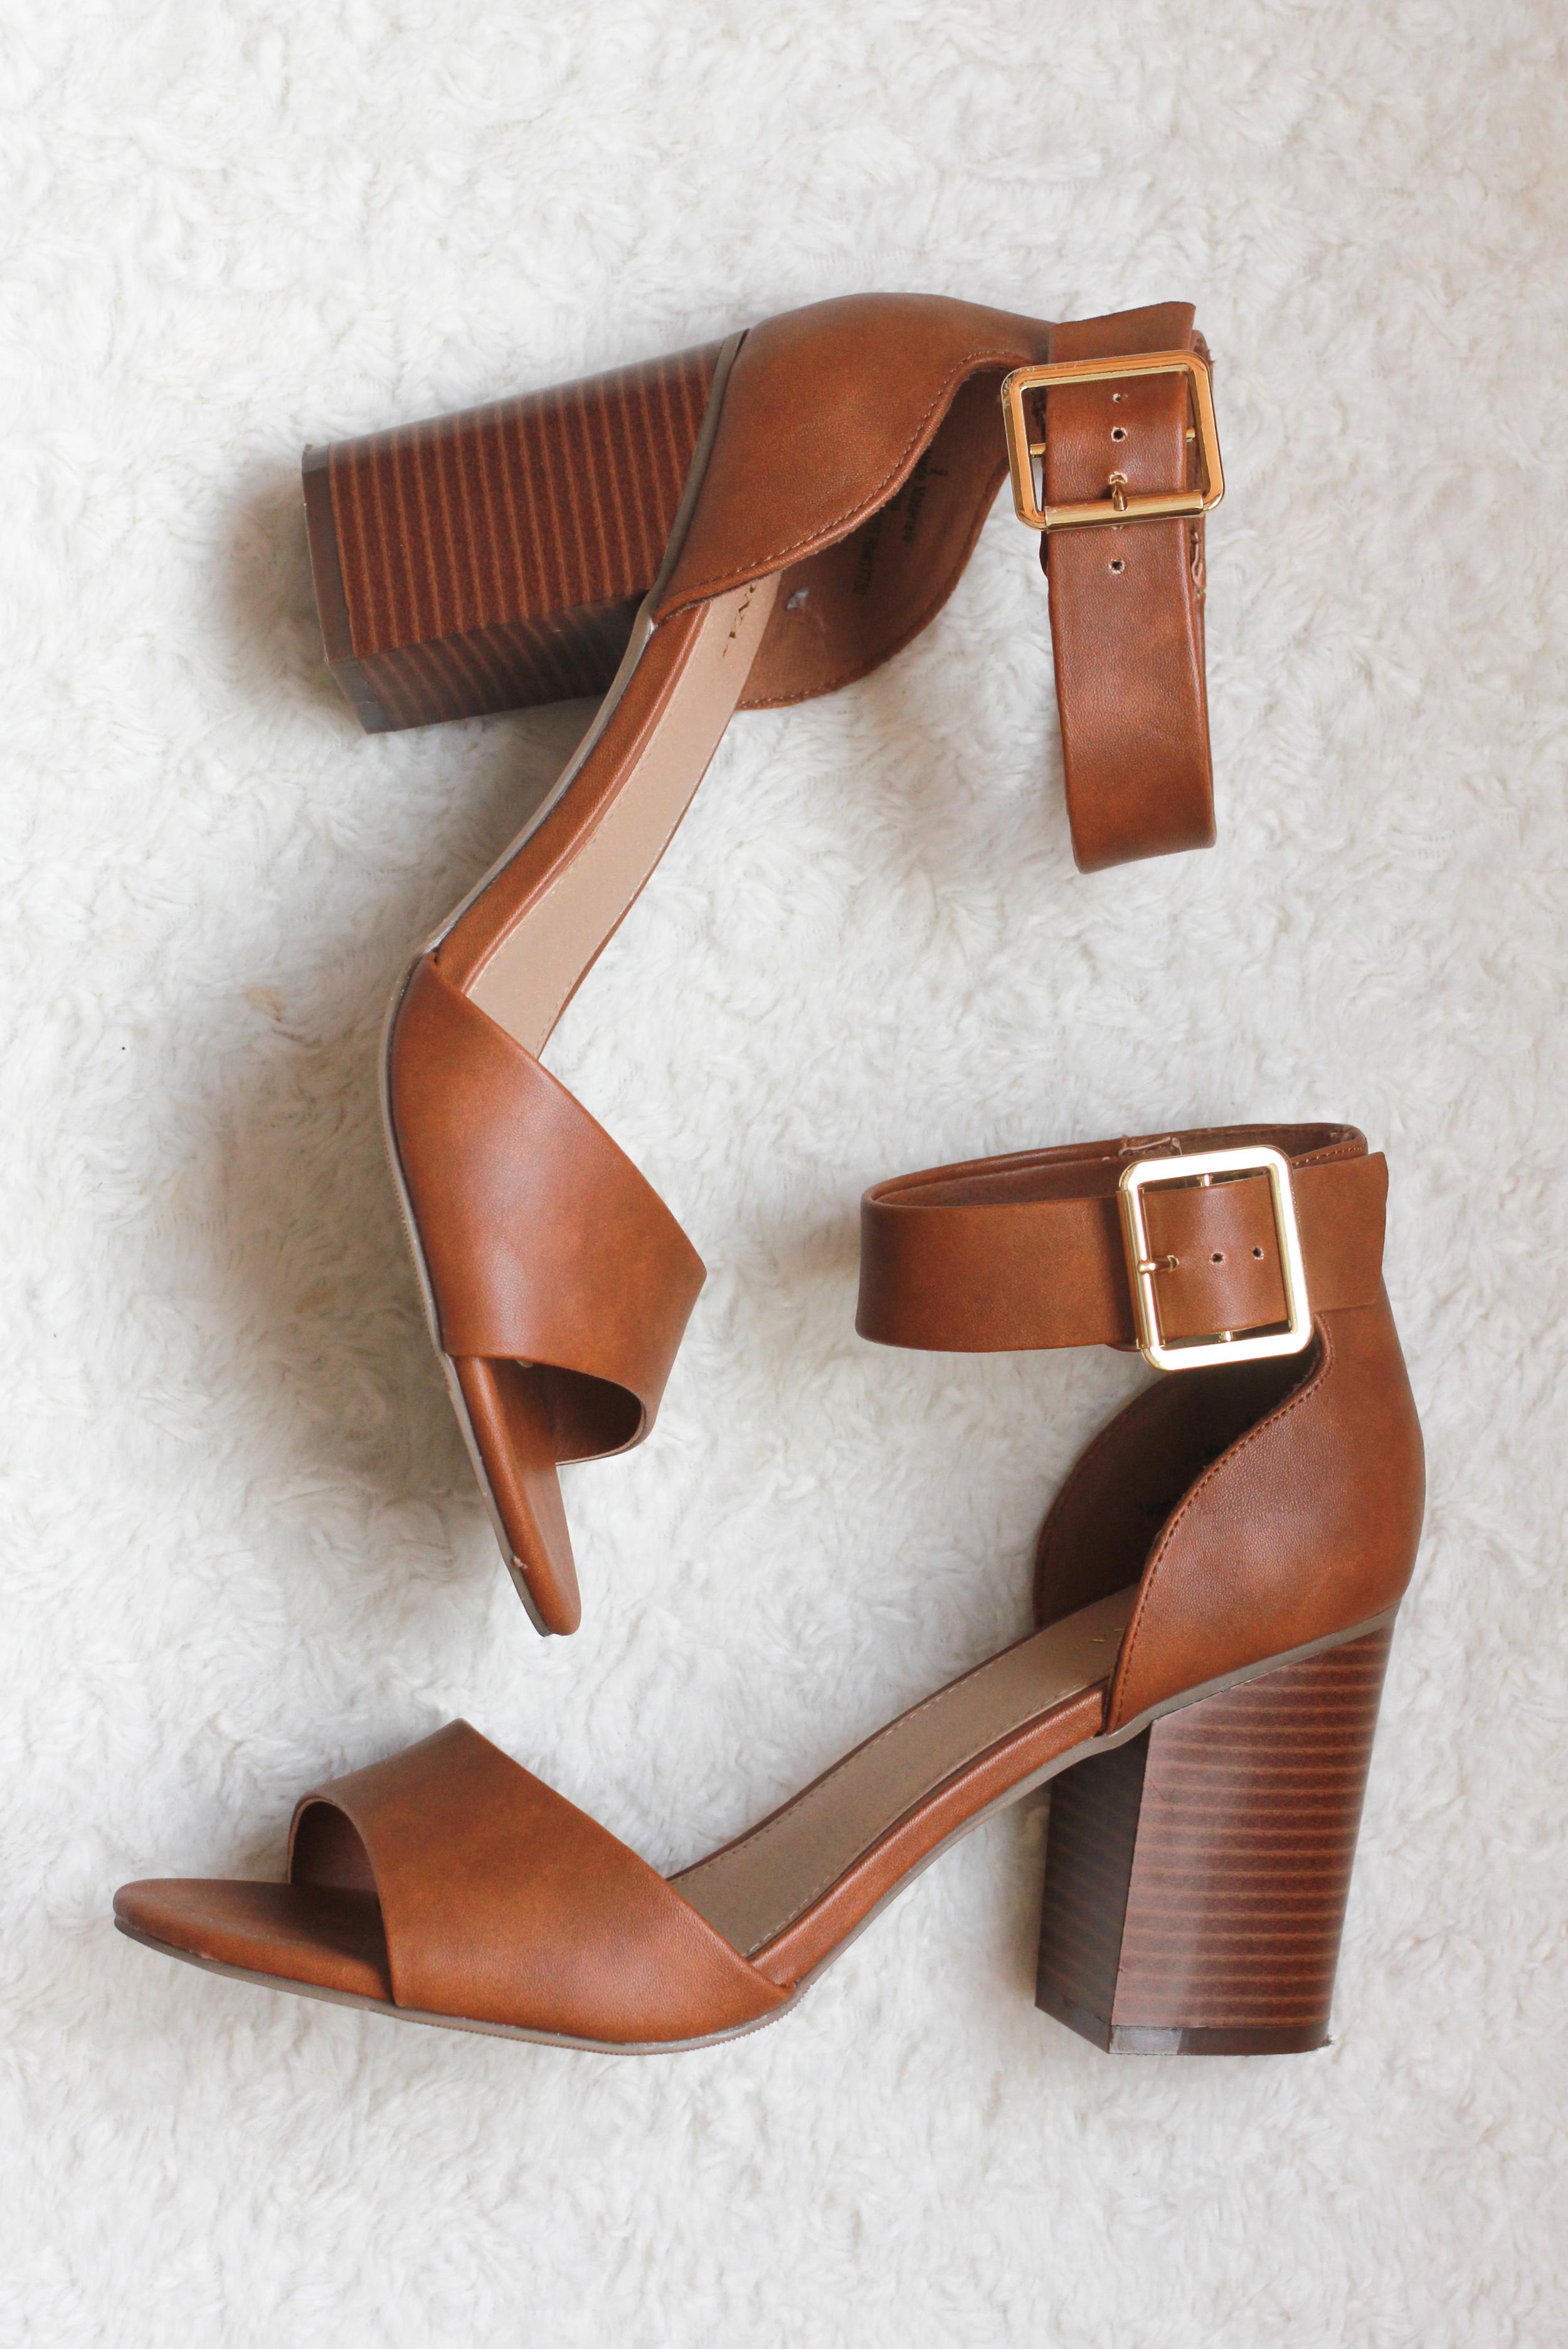 Merona by Target ankle strap block heel cognac brown sandals